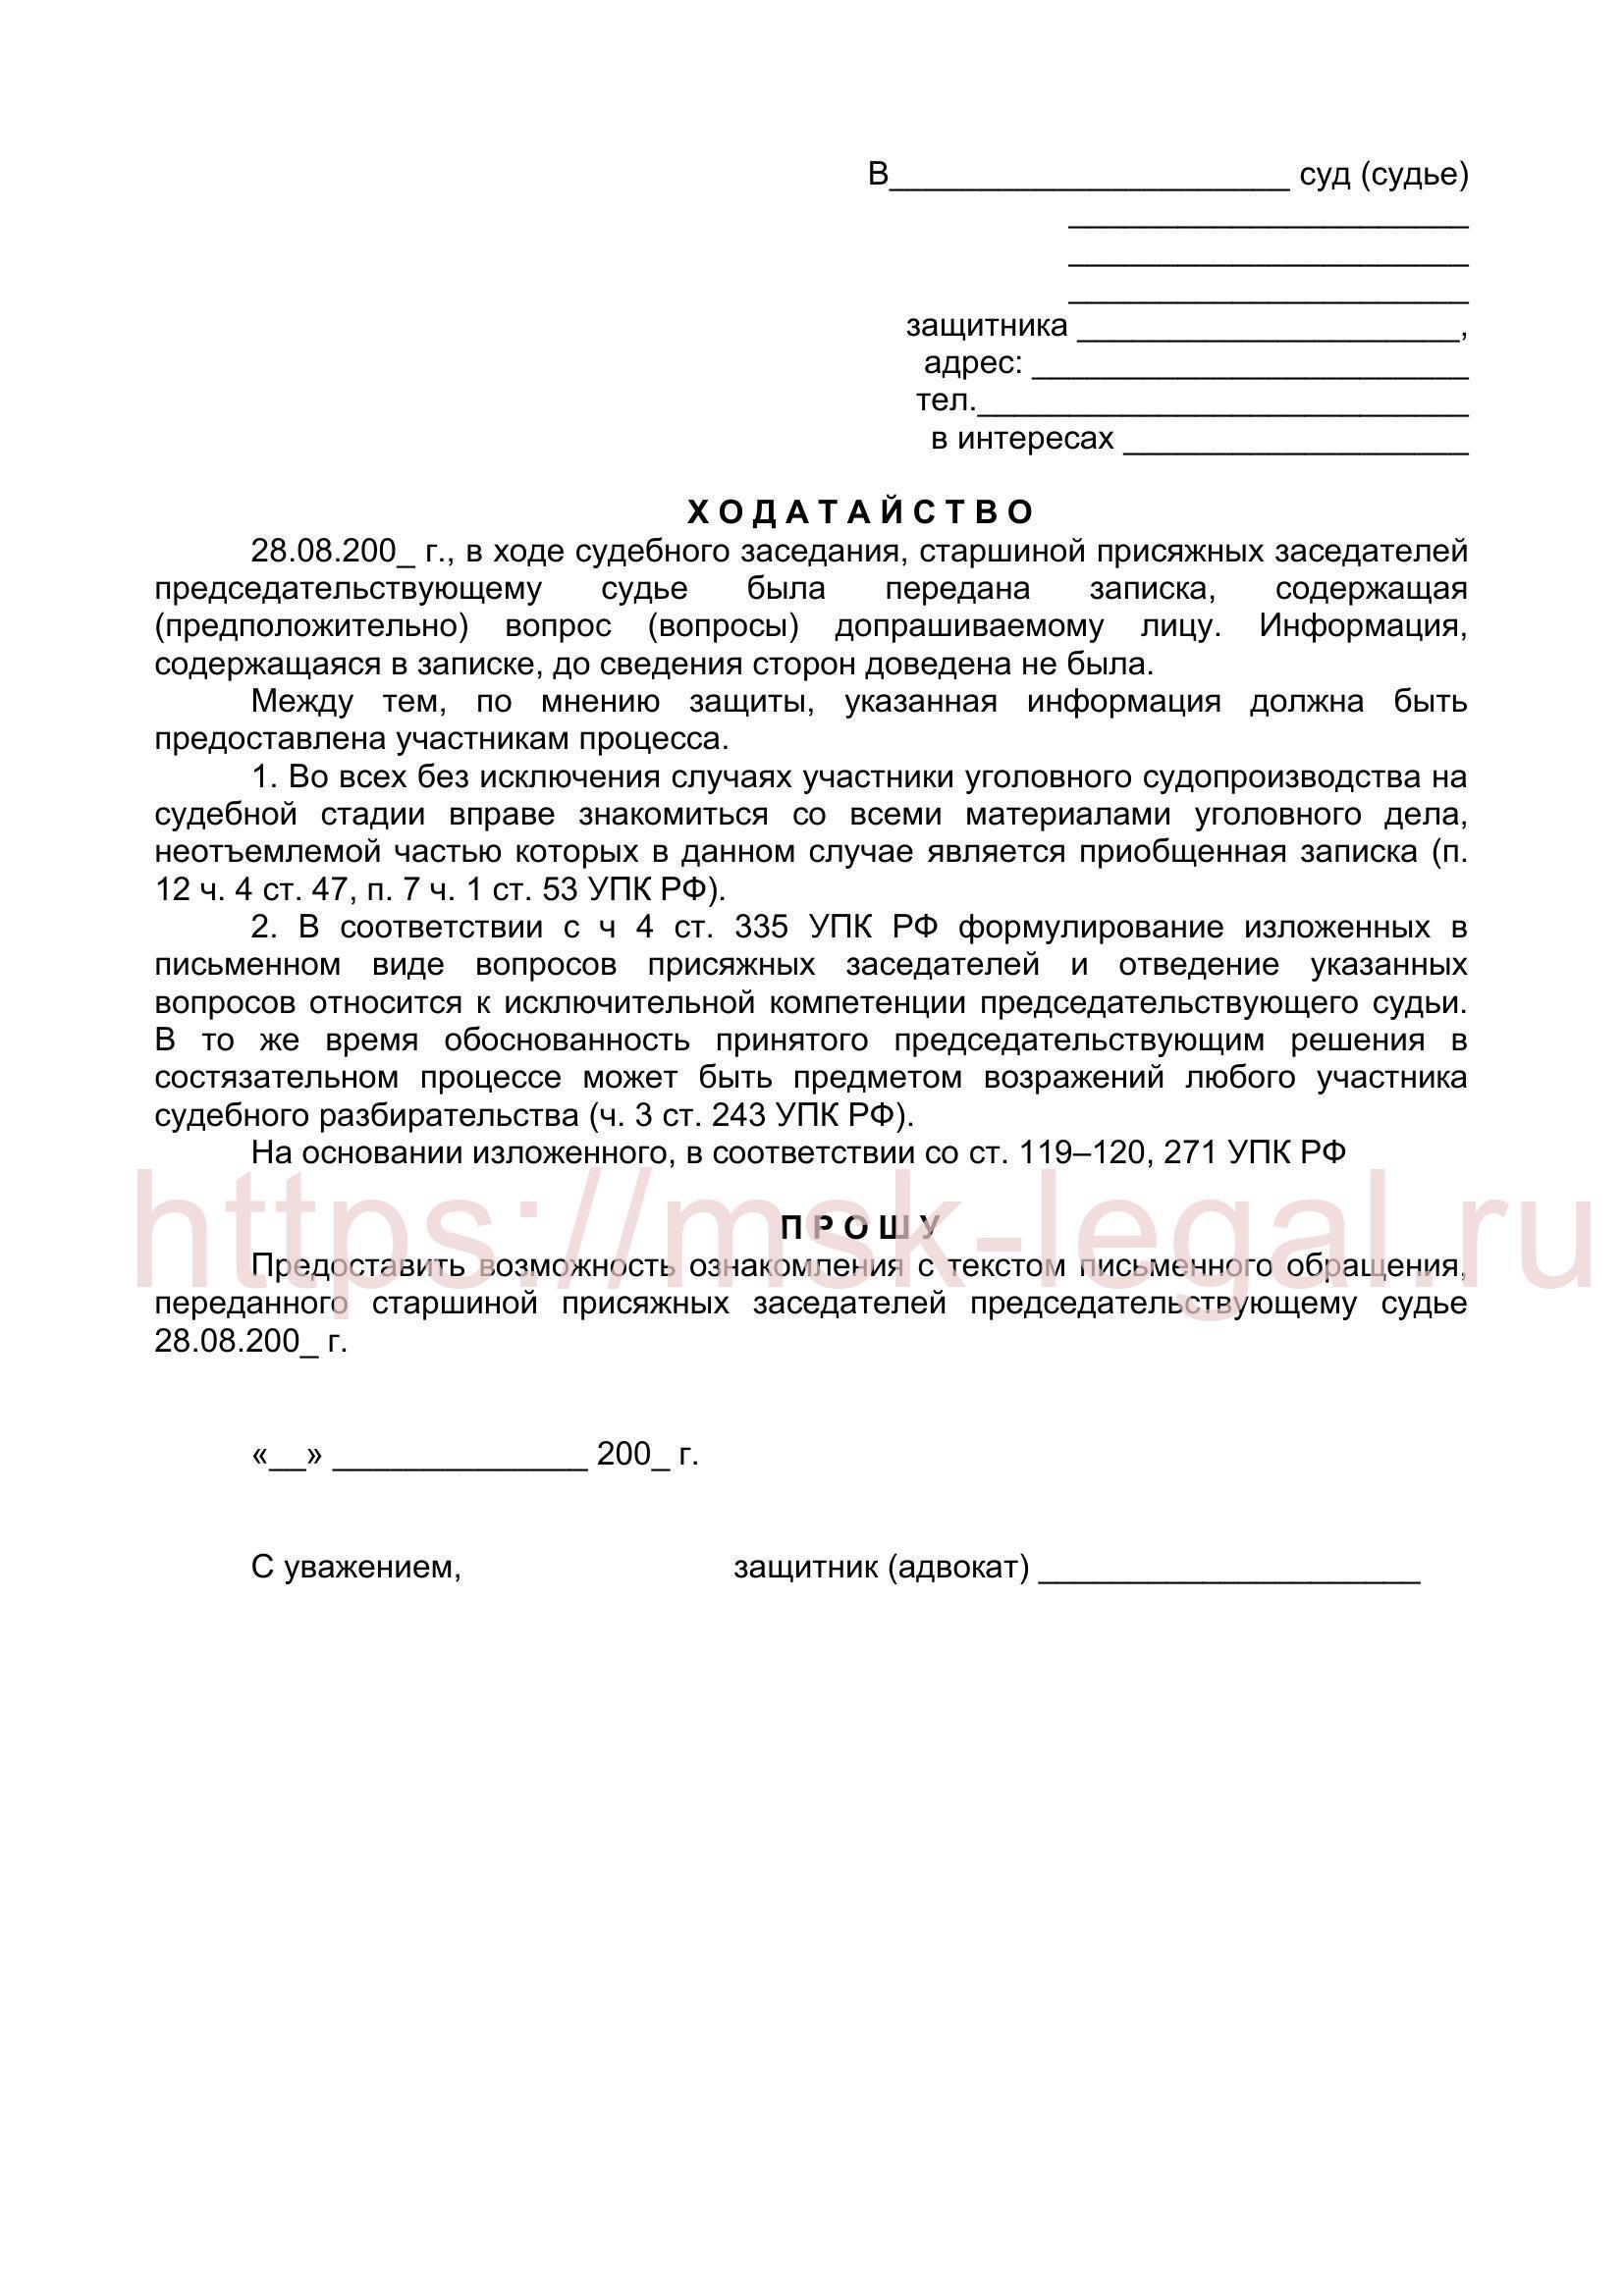 Об ознакомлении с содержанием записки, переданной присяжными заседателями председательствующему